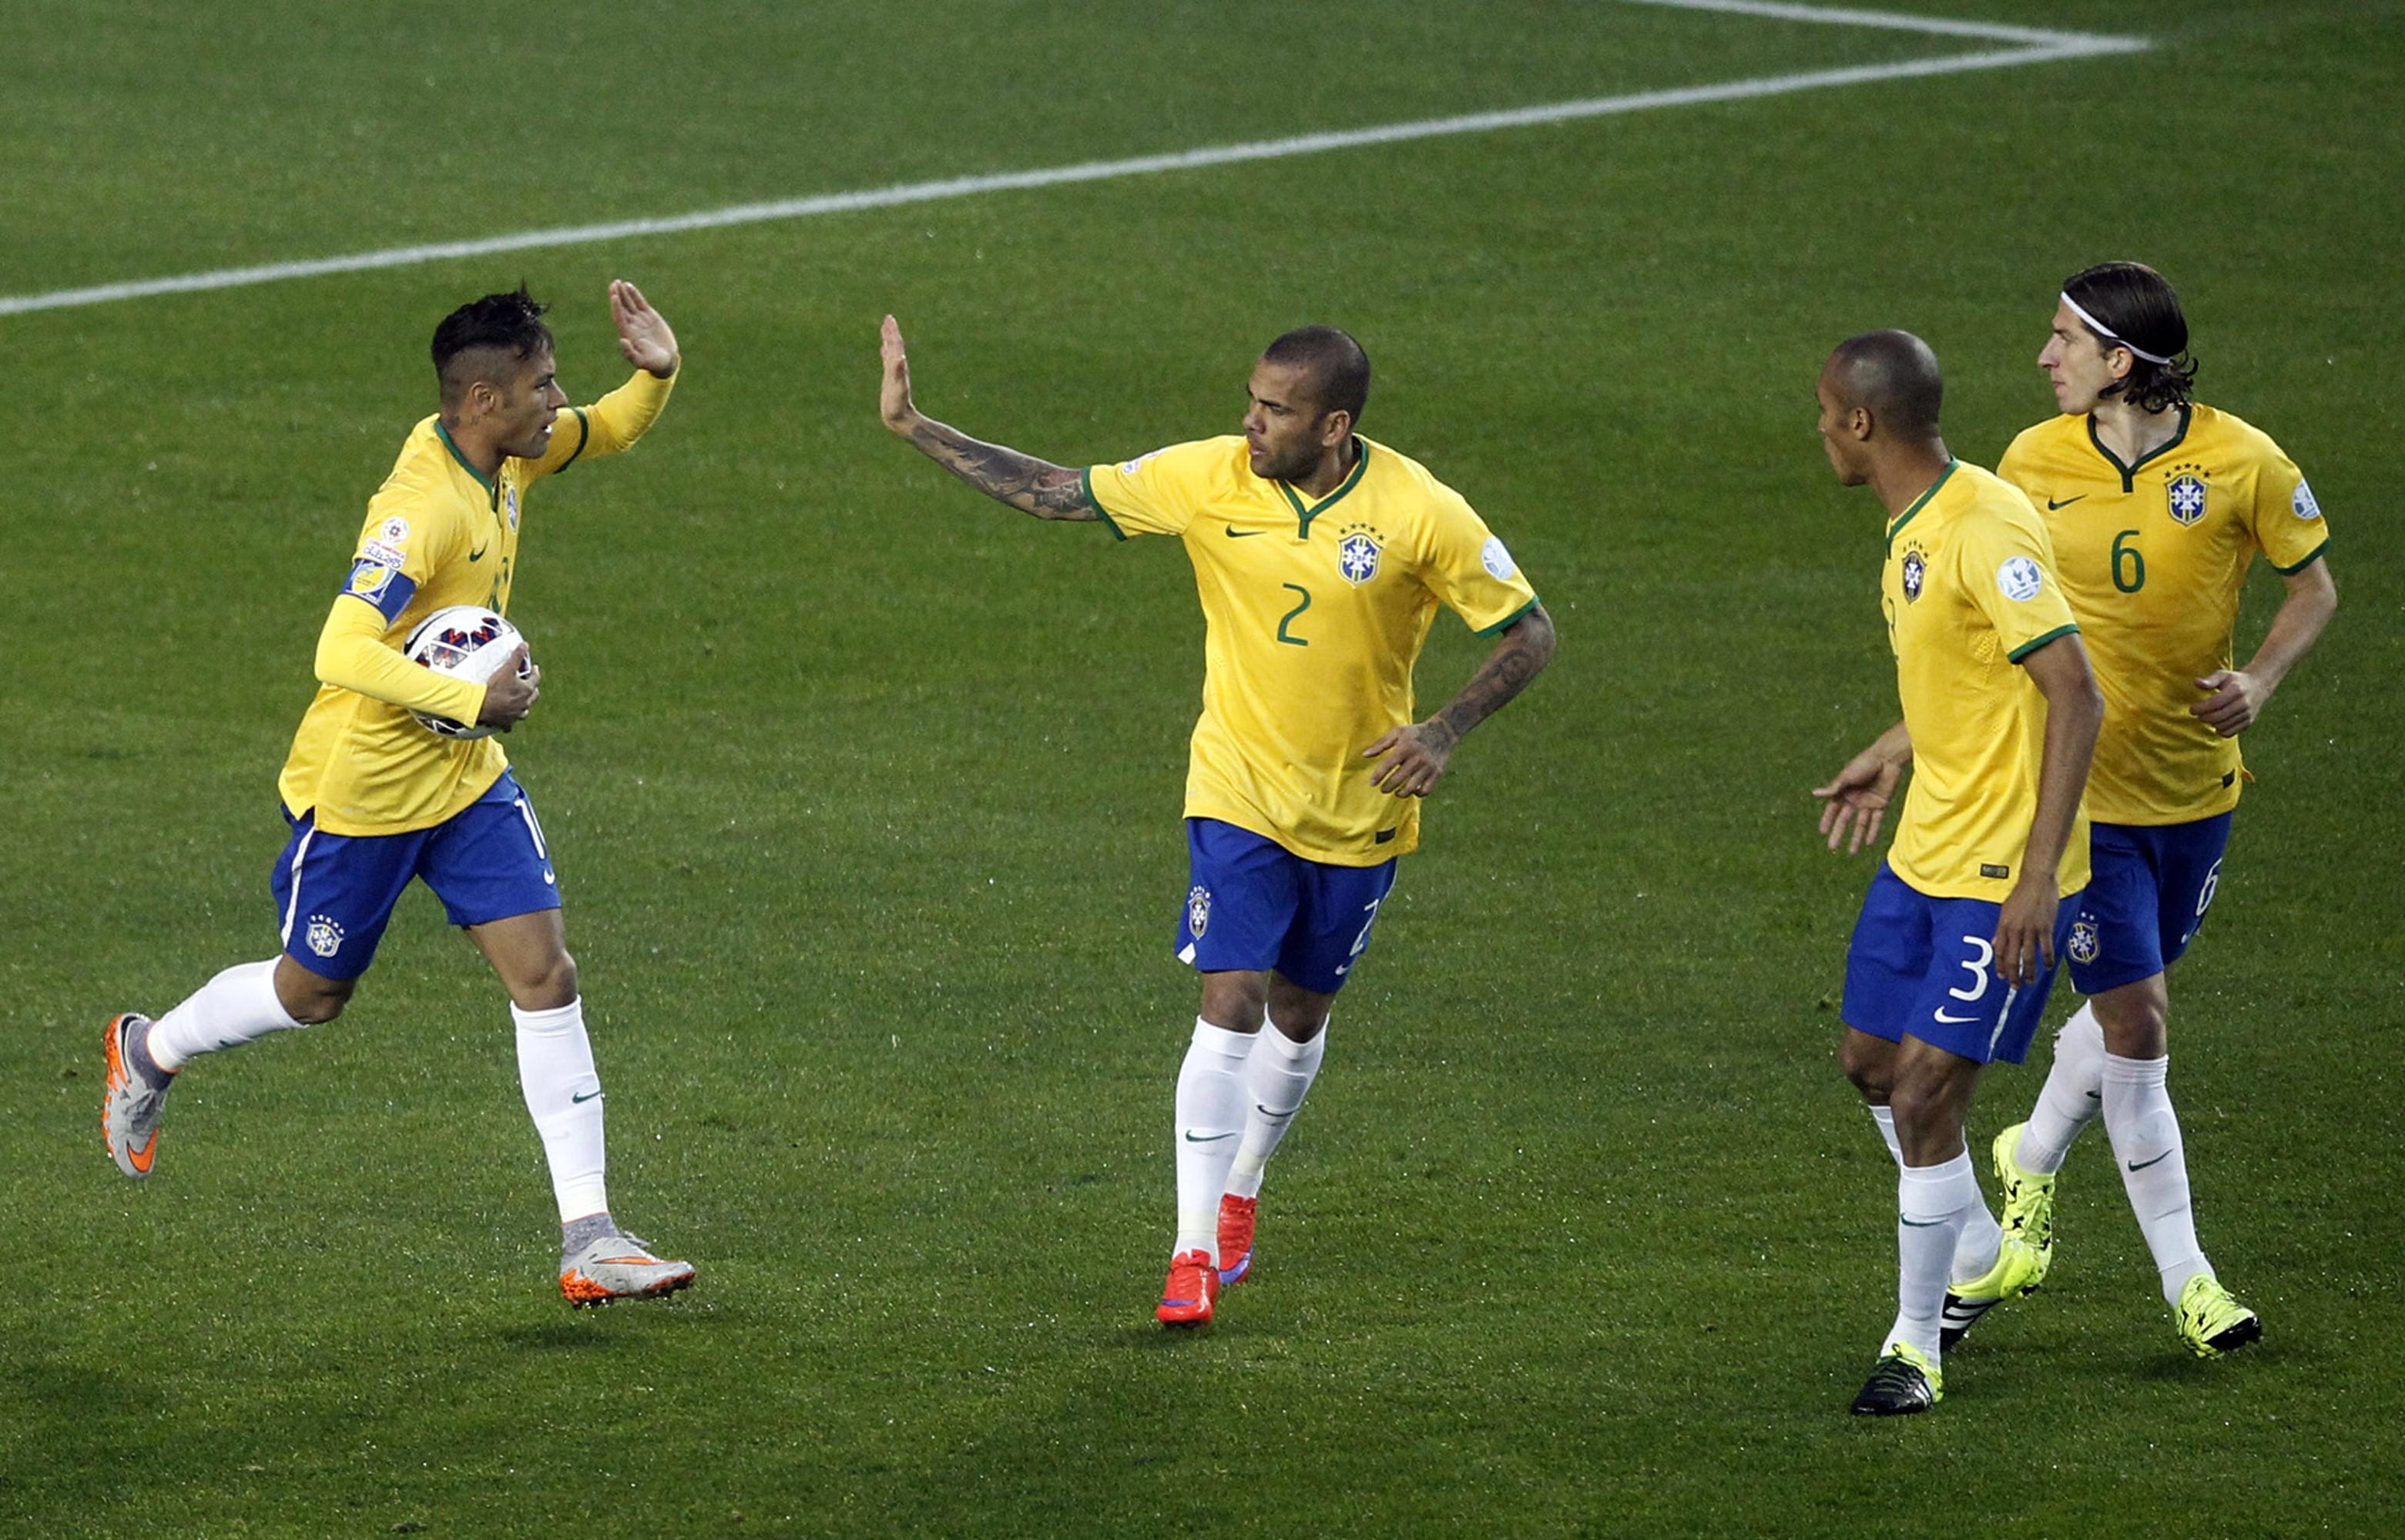 Сколько неймар получает в сборной бразилии